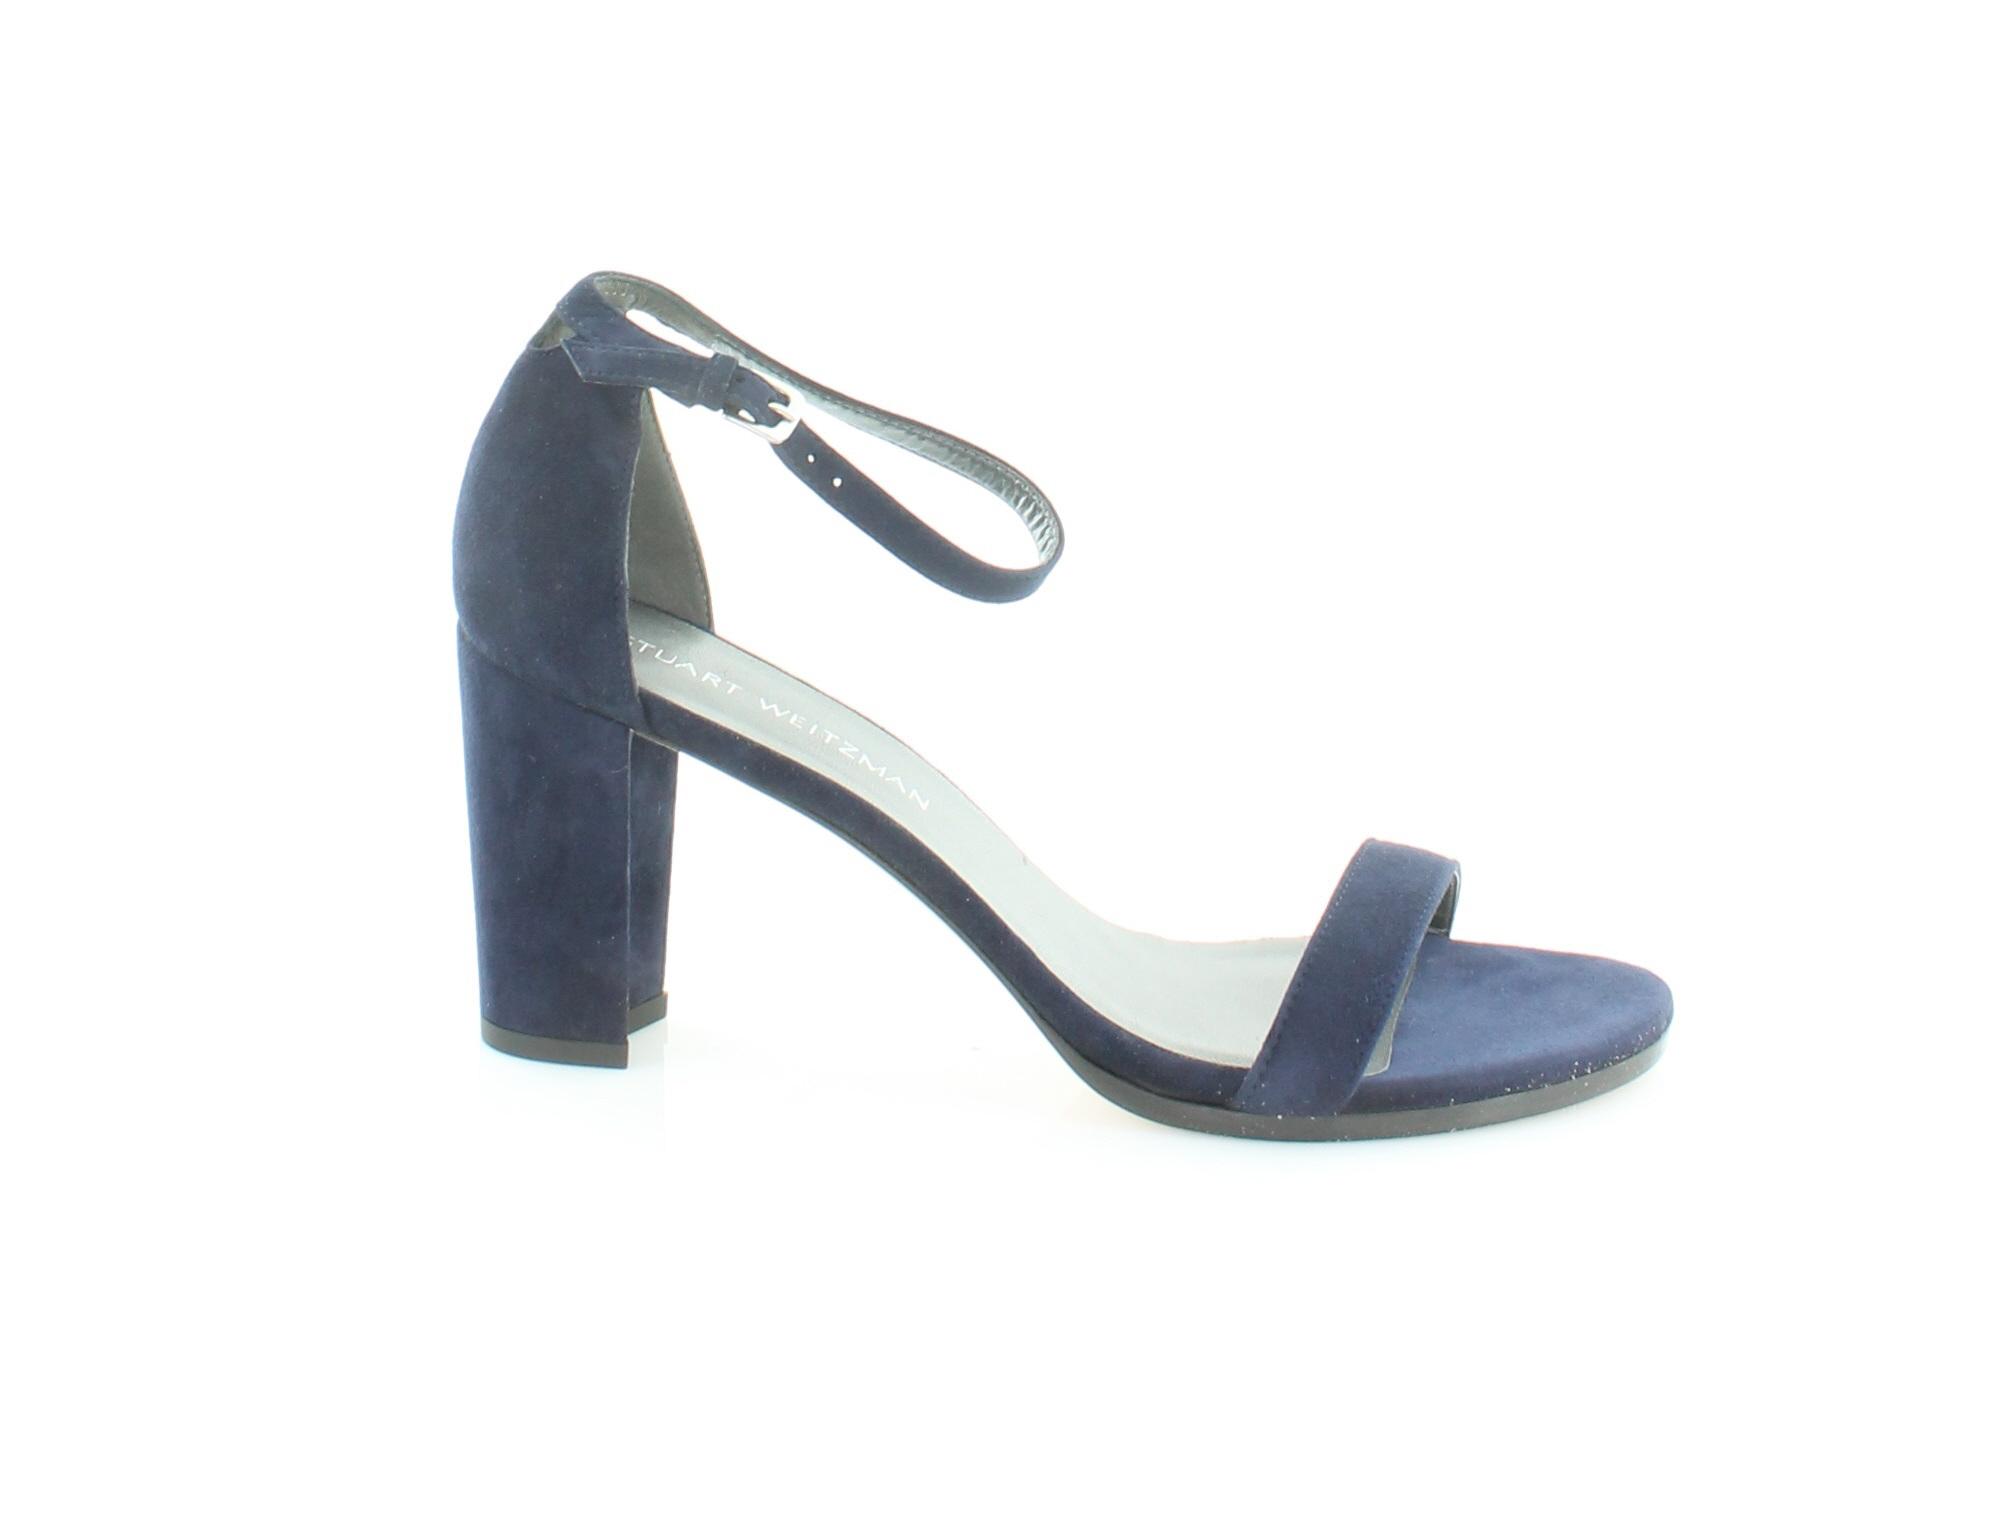 consegna veloce e spedizione gratuita per tutti gli ordini Stuart Weitzman Nearly Nude blu donna scarpe Dimensione 10 10 10 M Heels MSRP  398  qualità di prima classe